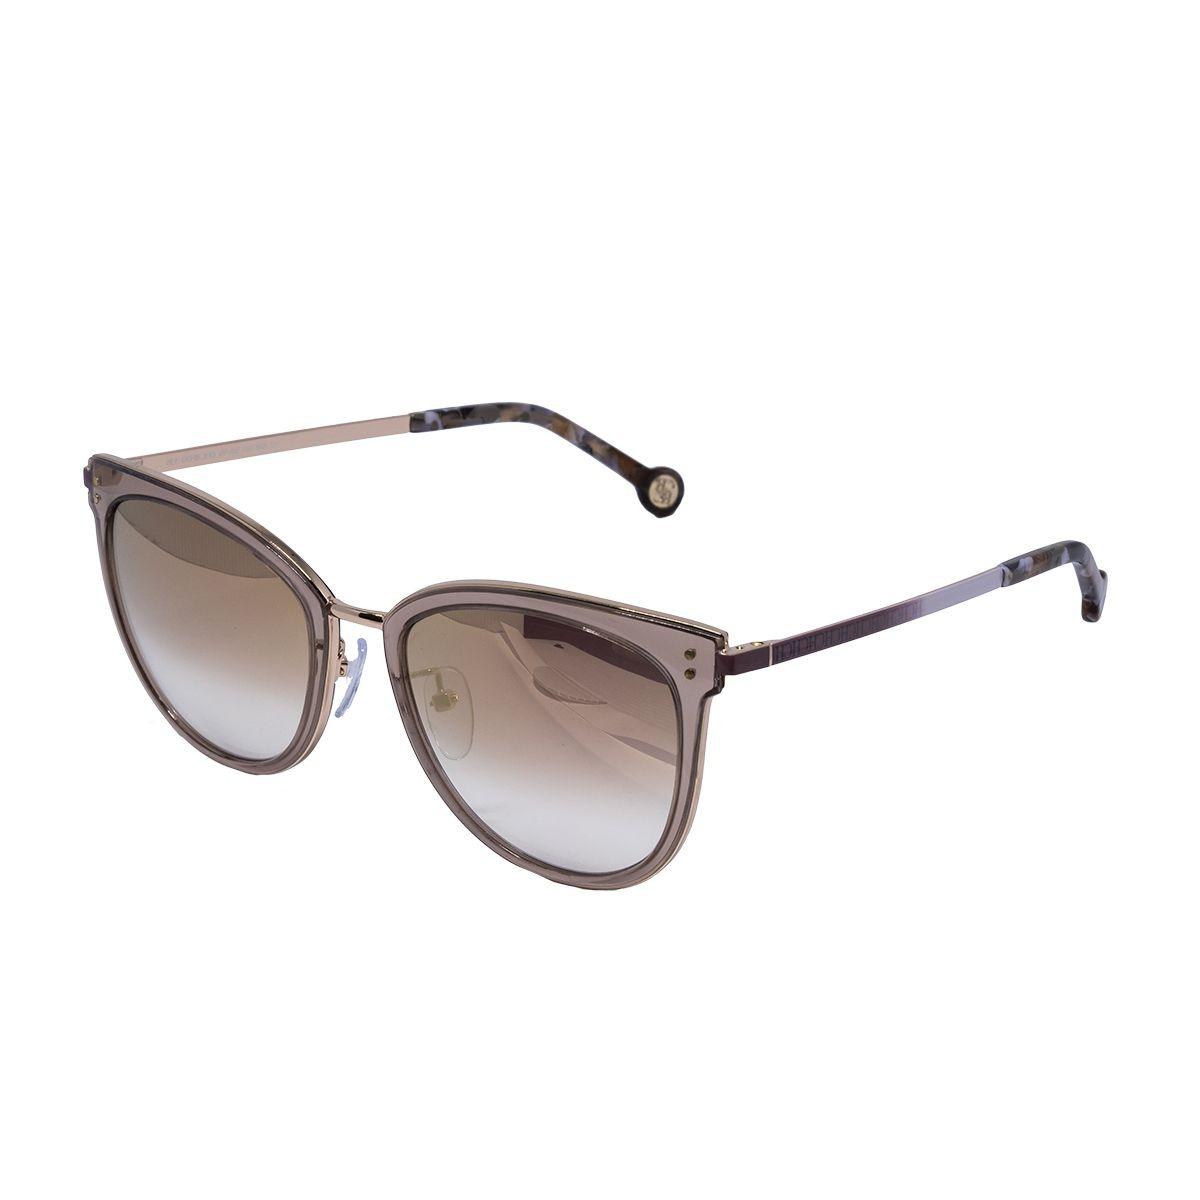 256e4f720c09d óculos de sol carolina herrera original she105. Carregando zoom.